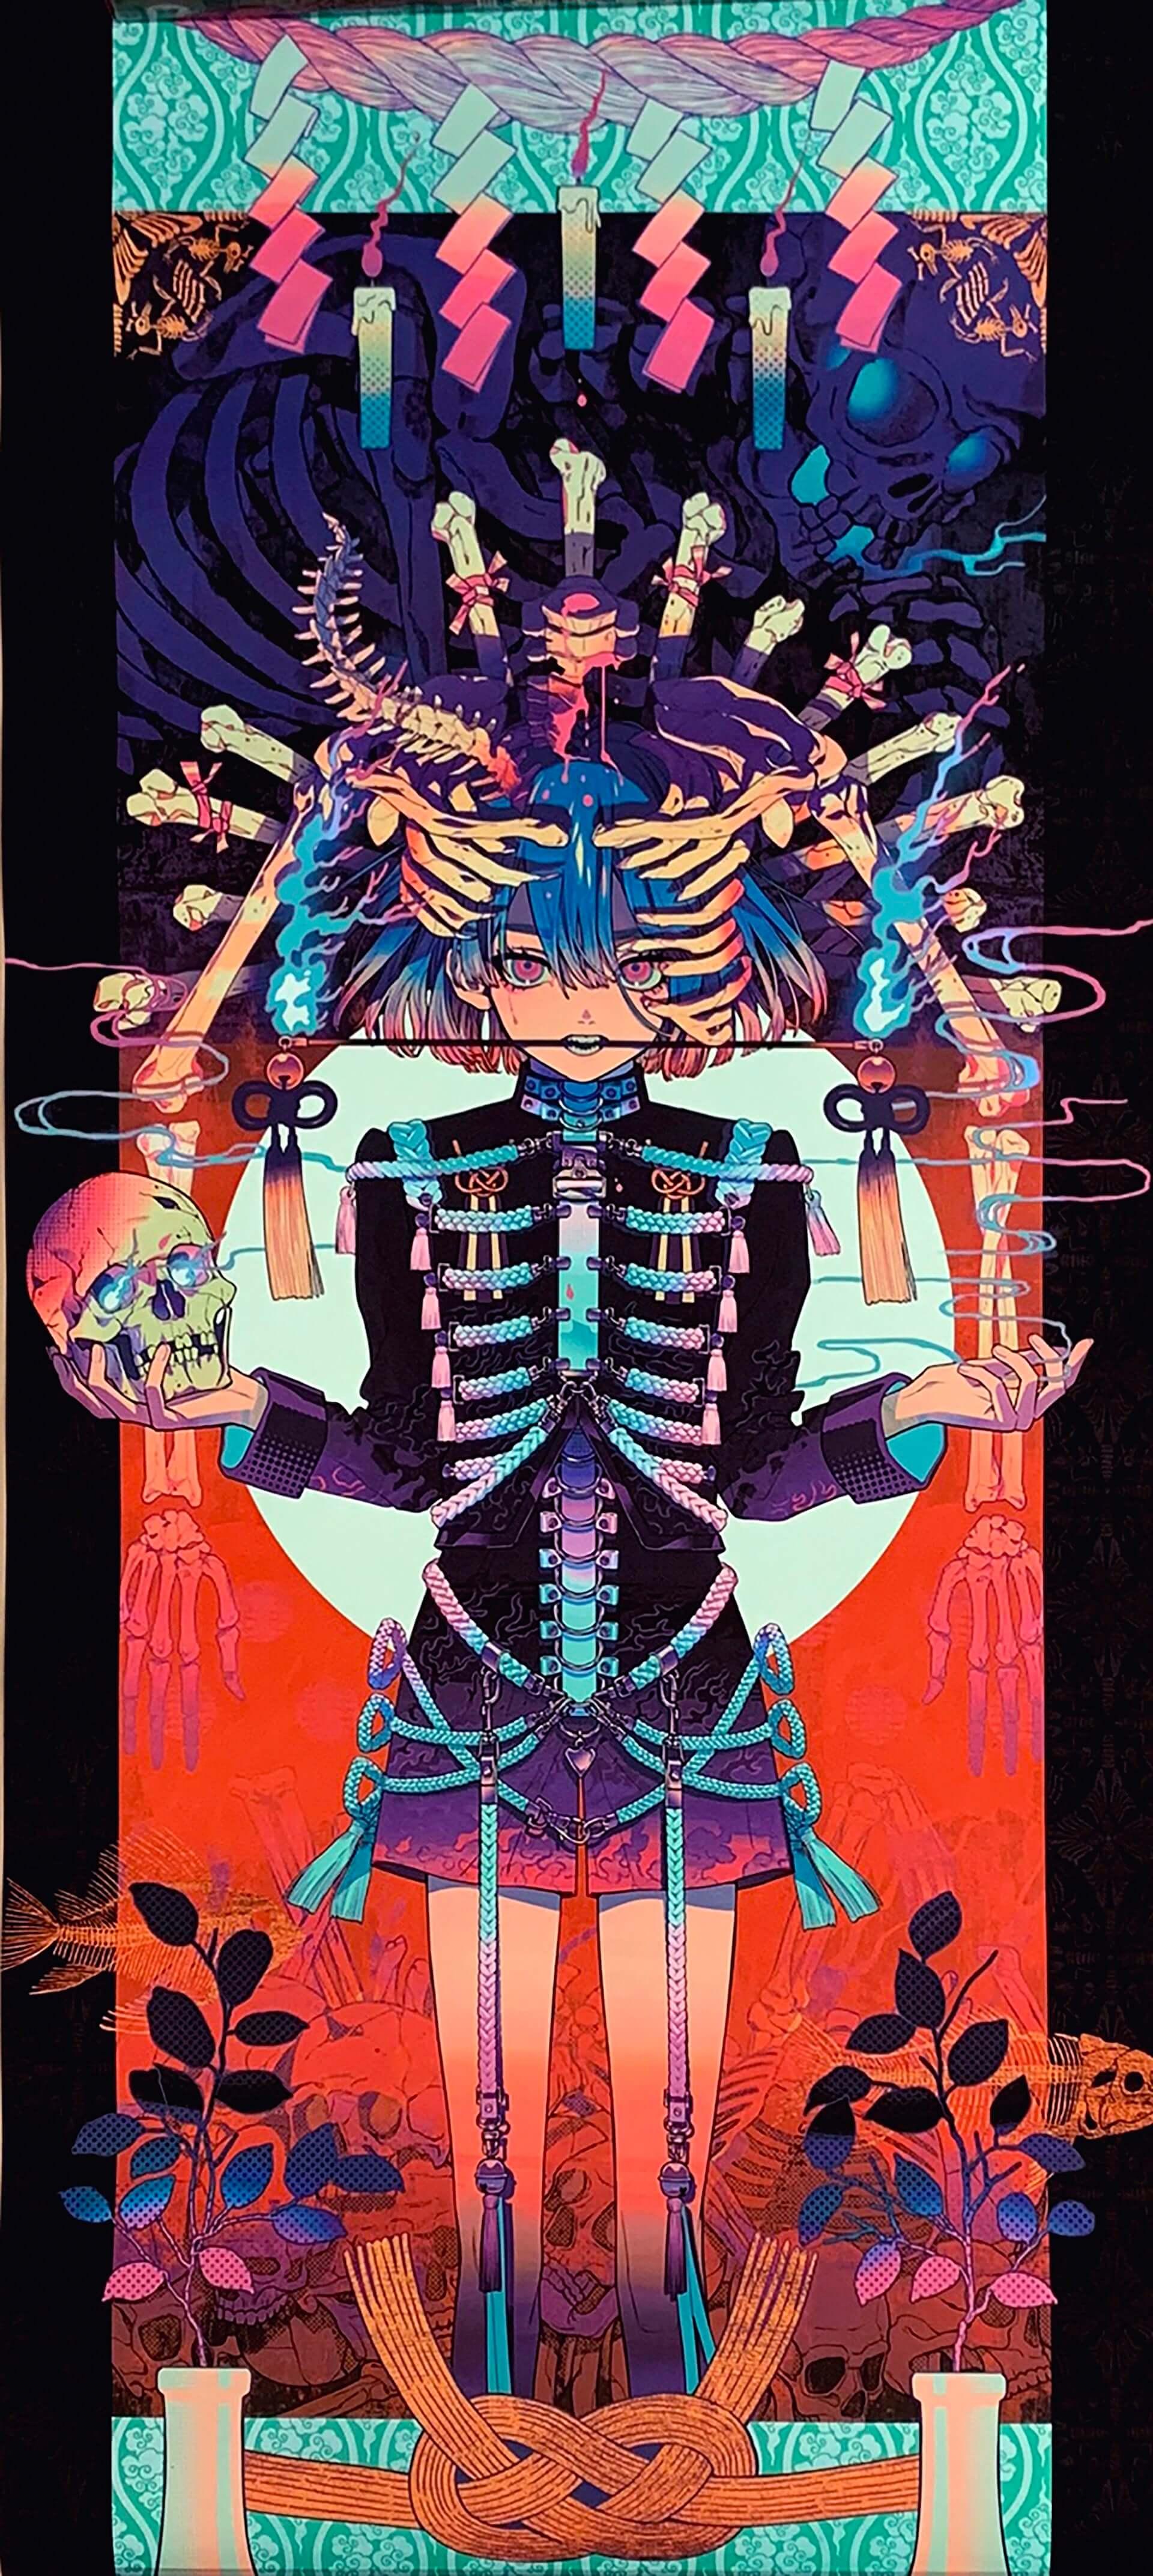 野性爆弾COOKIEが画家として新作を発表!米原康正、秋赤音、Hajime Kinokoら出展の<リアルトウキョウアート>が入場無料で開催 art200324_realtokyoart_10-1920x4289